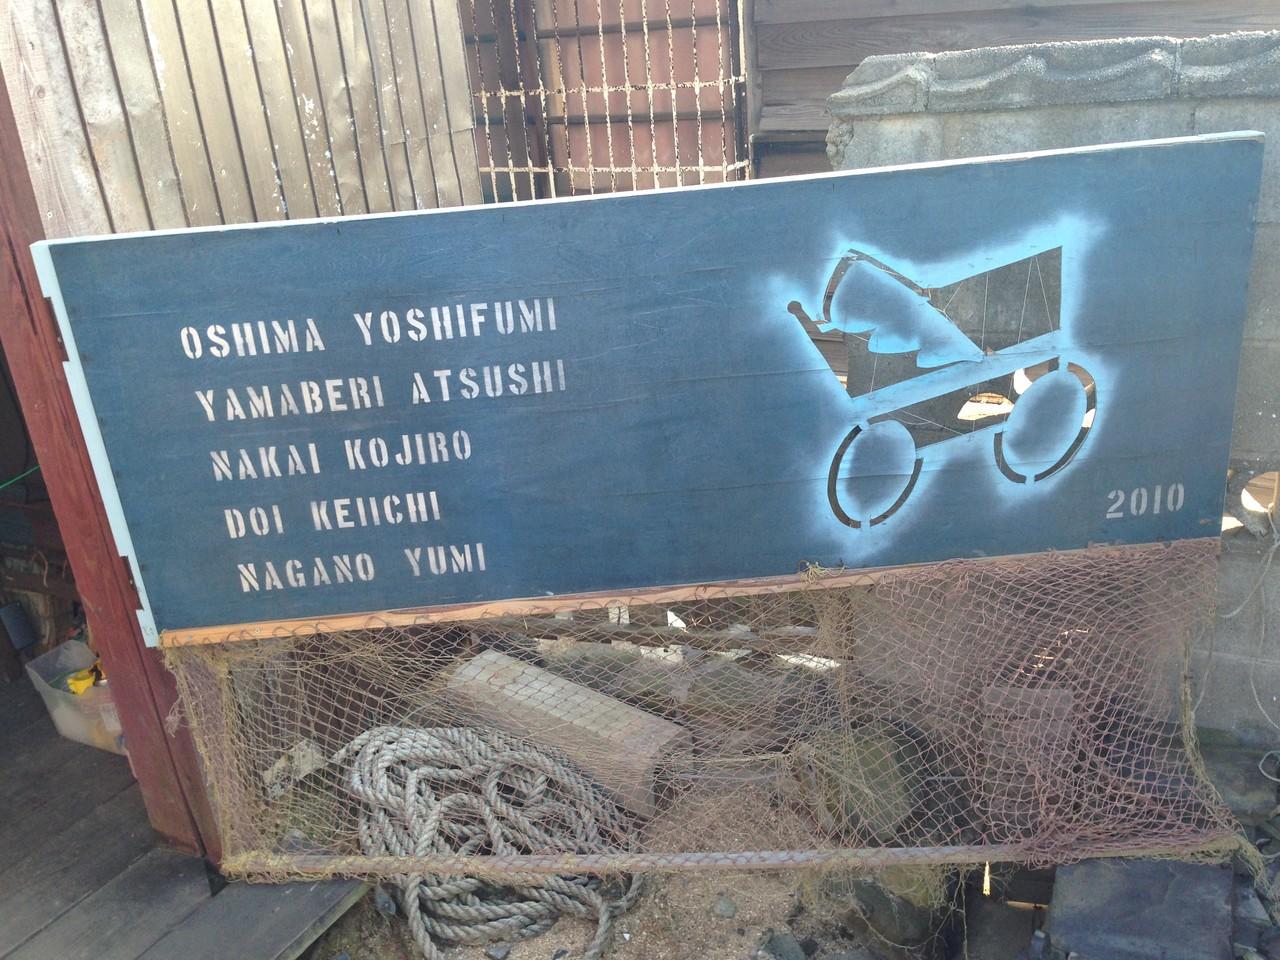 オンバ ファクトリー 坂道や細い路地が多い男木島では、オンバ(乳母車)は必需品。島の人たちのオンバにカラフルなペイントを施し、島の風景を賑やかに彩る。